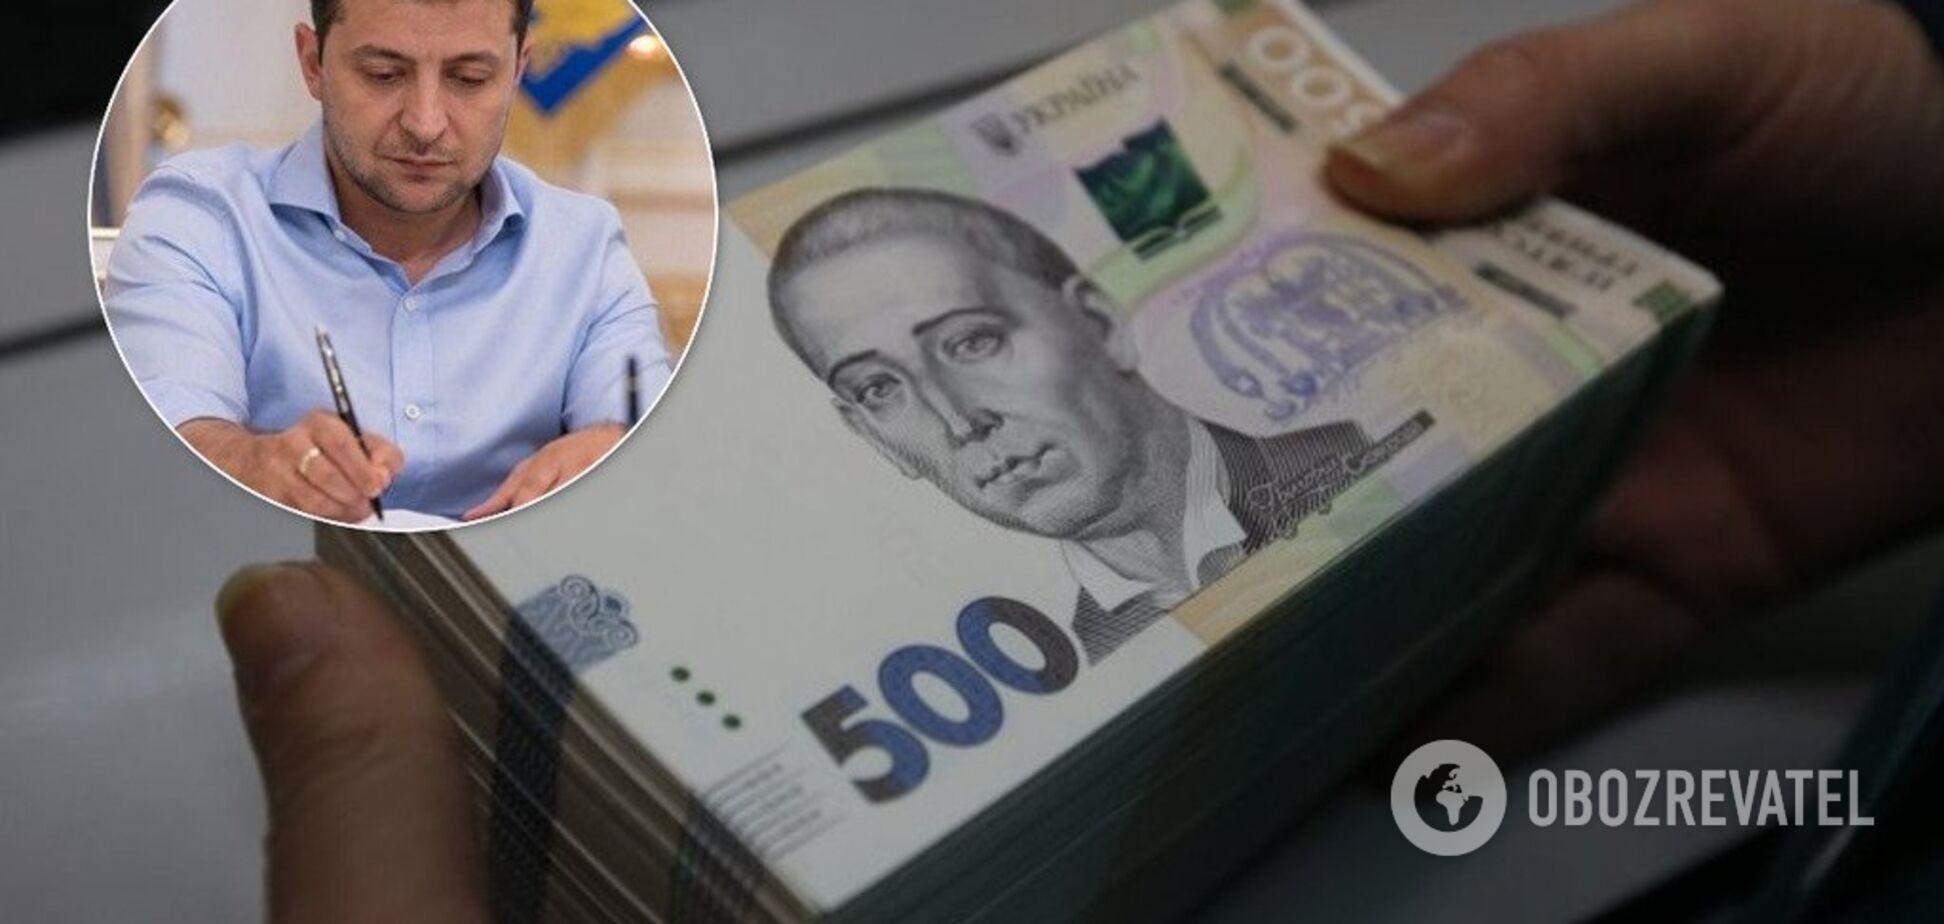 Українців захистять від свавілля кредиторів: Зеленський підписав важливий закон